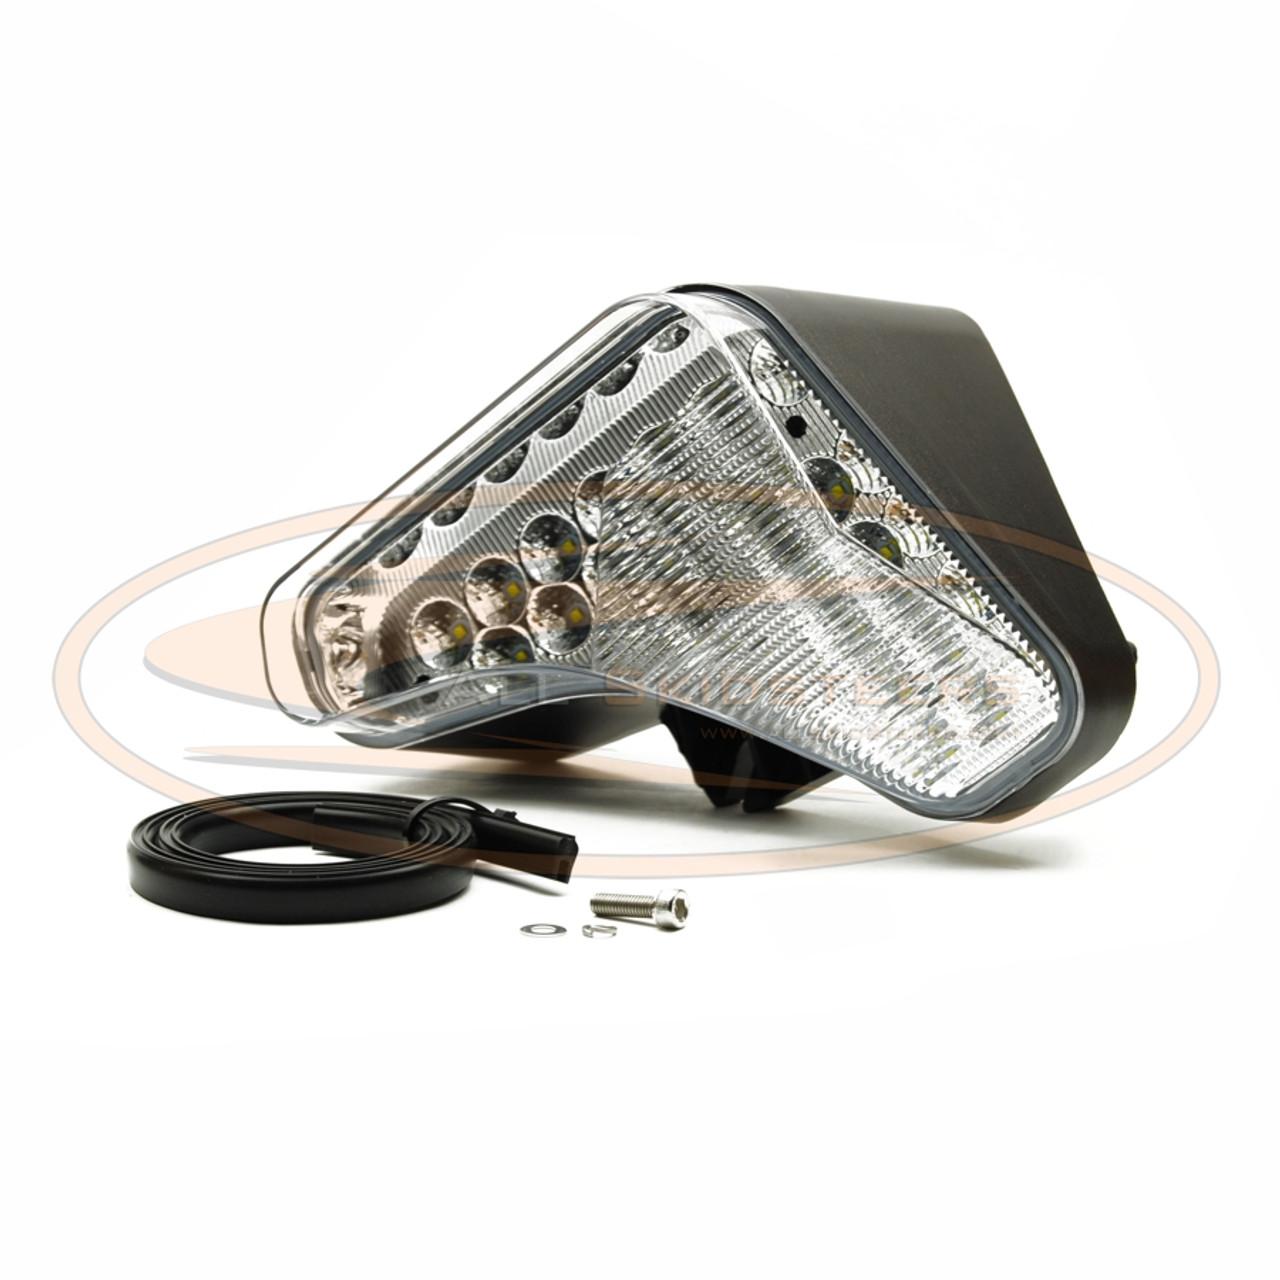 S740 S850 T740 T590 T595 S570 T550 Complete LED Light Kit for Newer Bobcat Skit Steer Models S510 S770 S650 S590 S630 T450 T750 + Fits A770 T650 T630 S450 S550 S530 S750 S595